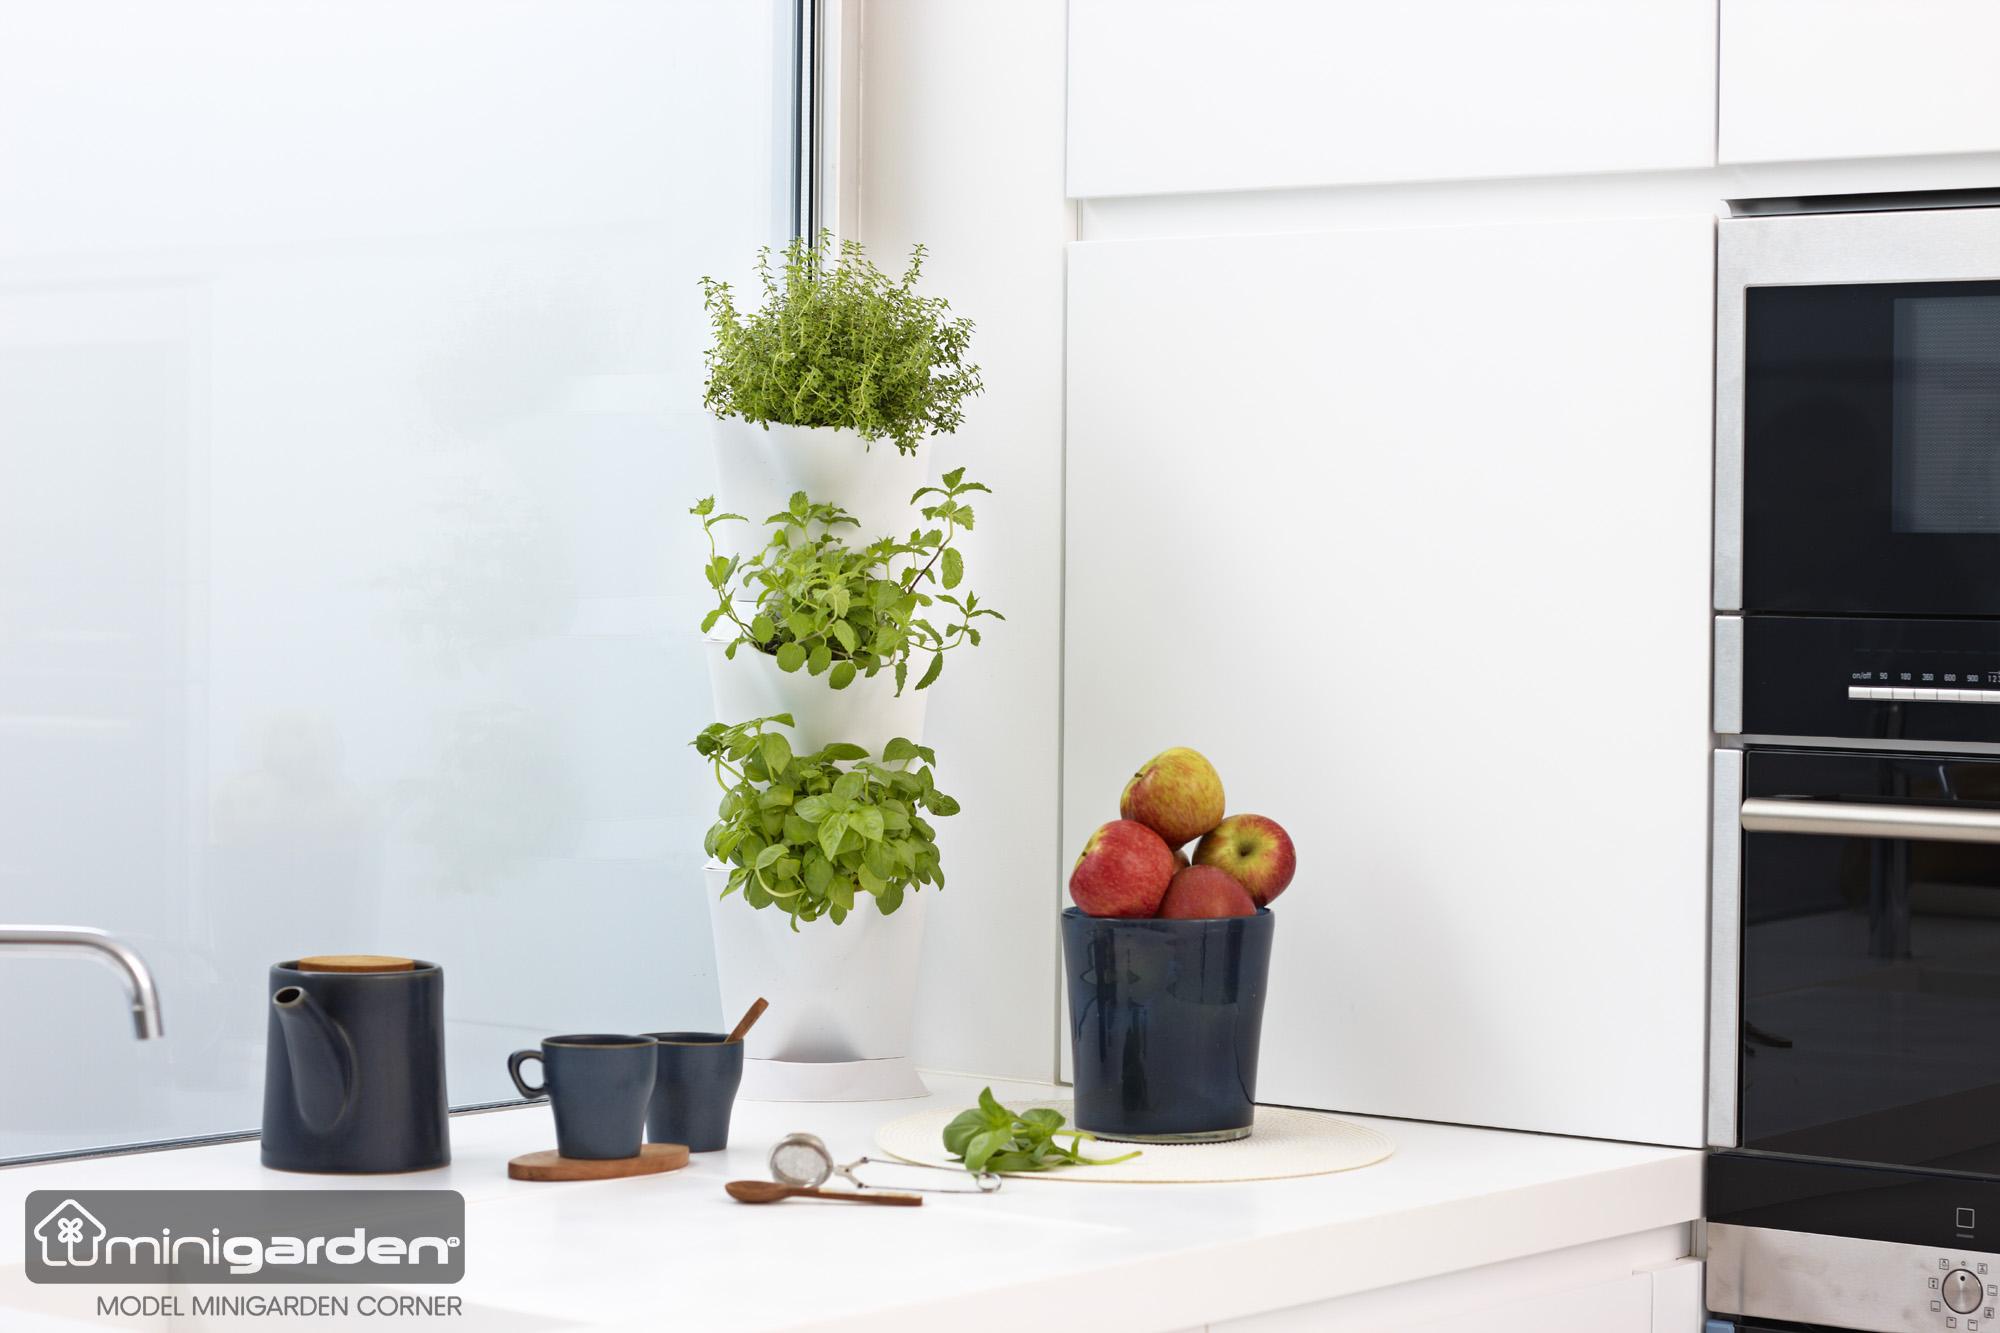 minigarden-corner-7